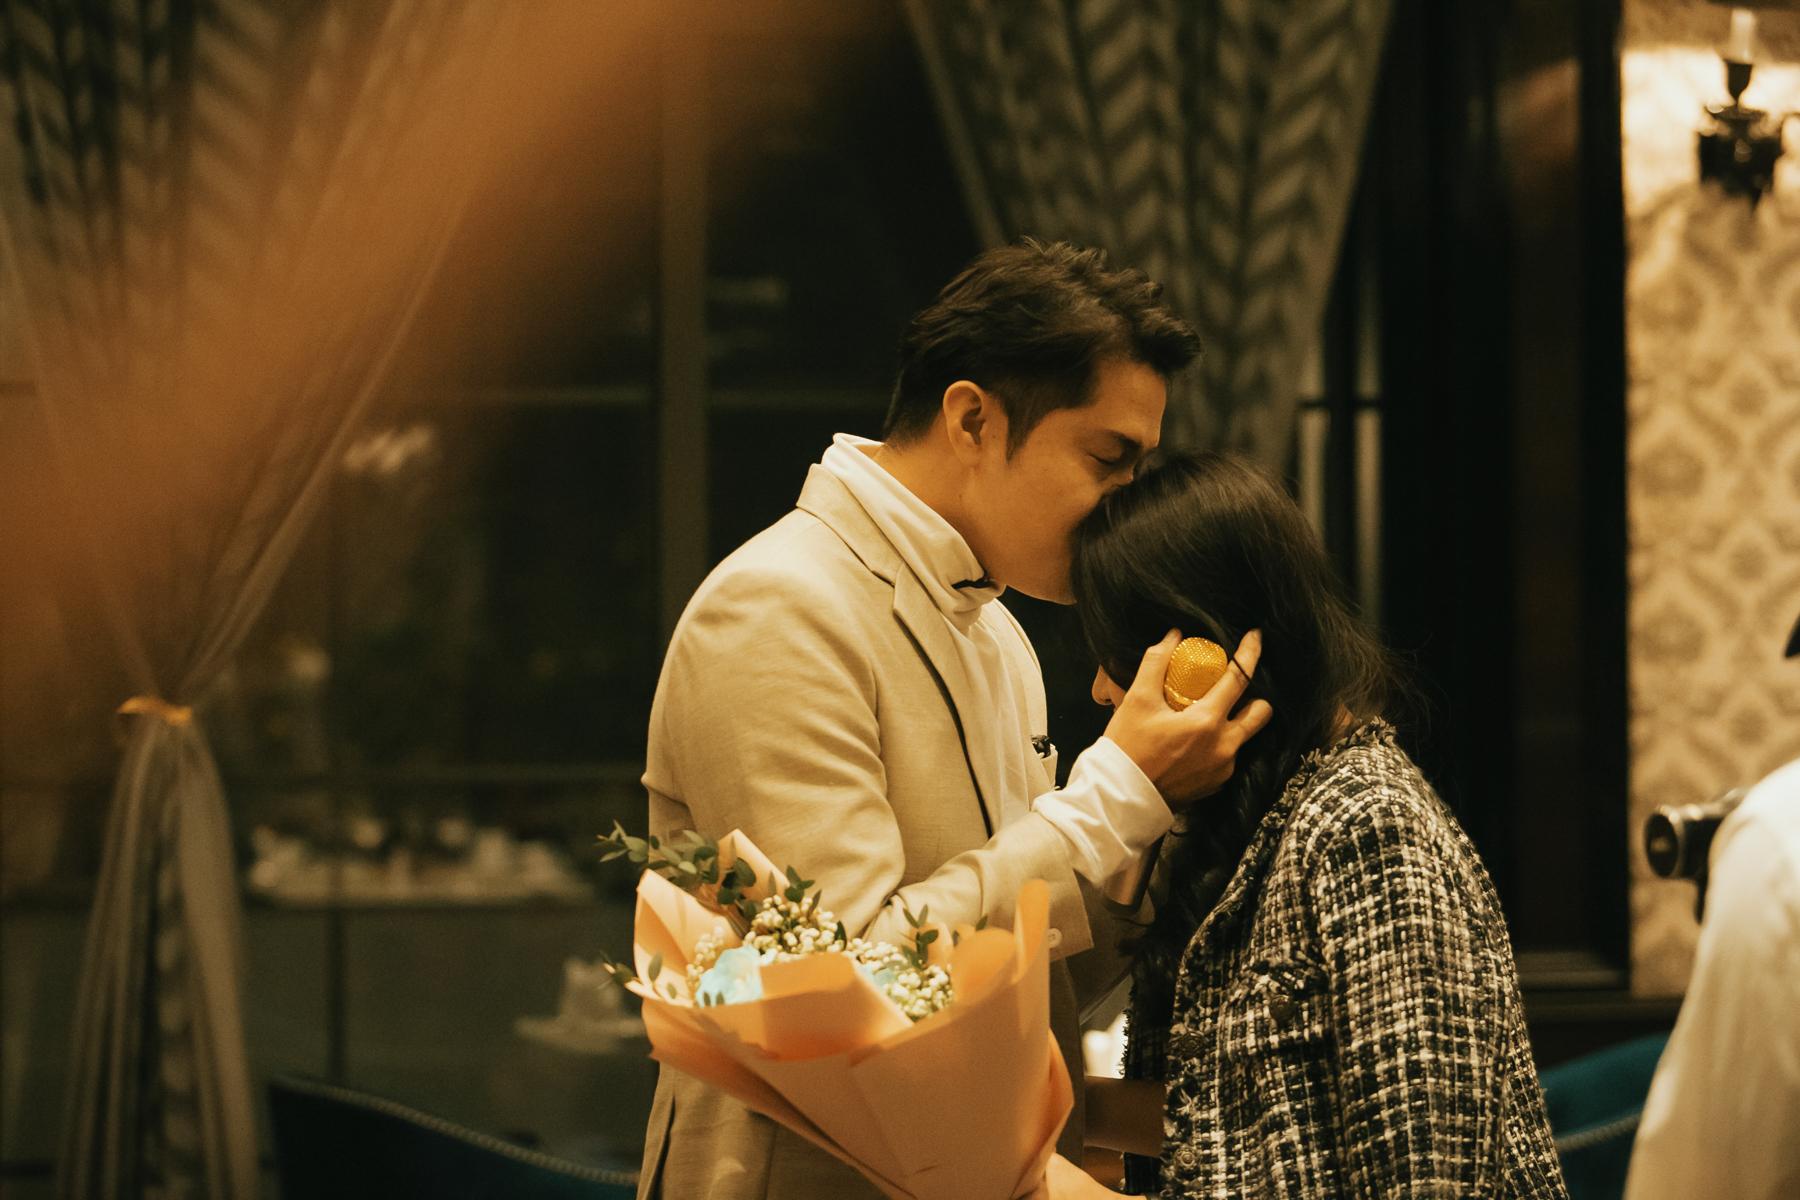 Cố diễn viên trao nụ hôn tình cảm đến bạn gái.